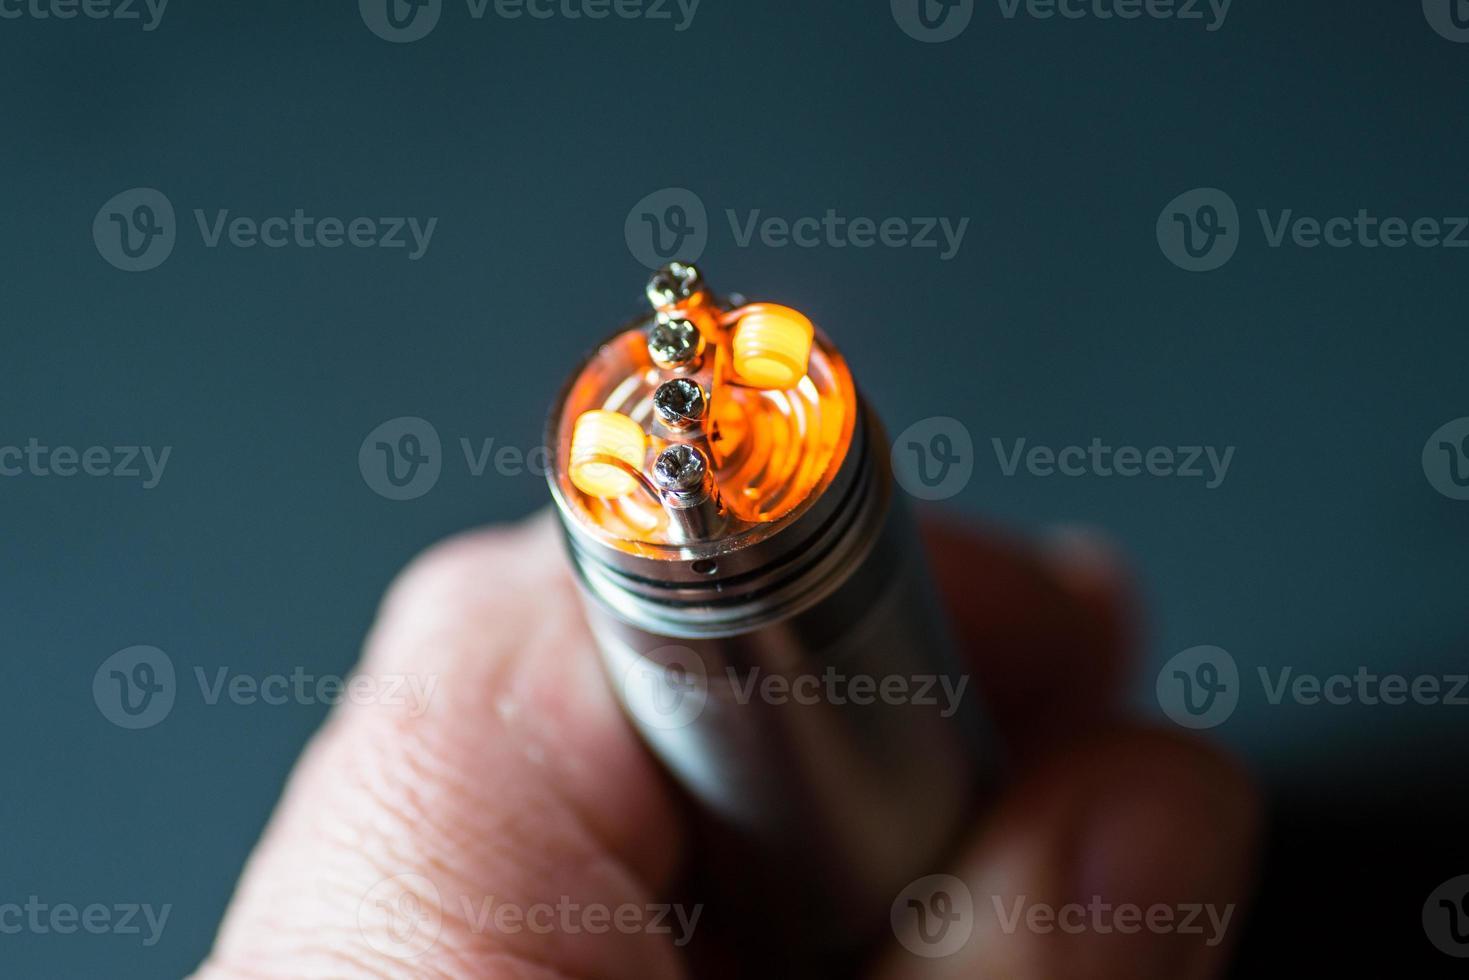 bobinas ecig quentes a brilhar foto